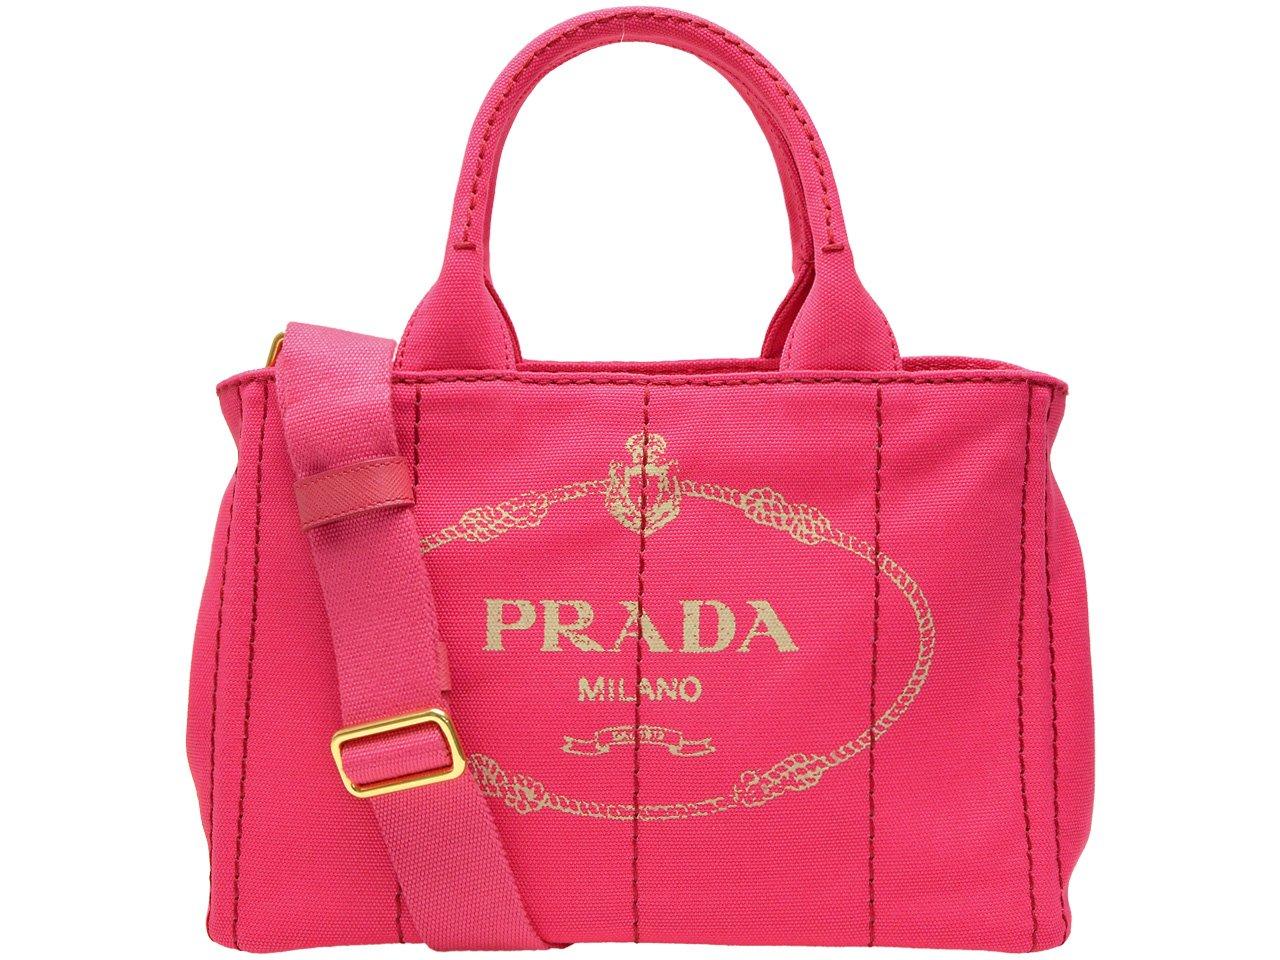 (プラダ) PRADA バッグ トートバッグ 2way 1bg439 カナパ CANAPA MINI ブランド [並行輸入品] B01I1ATVPK ピオニア ピオニア